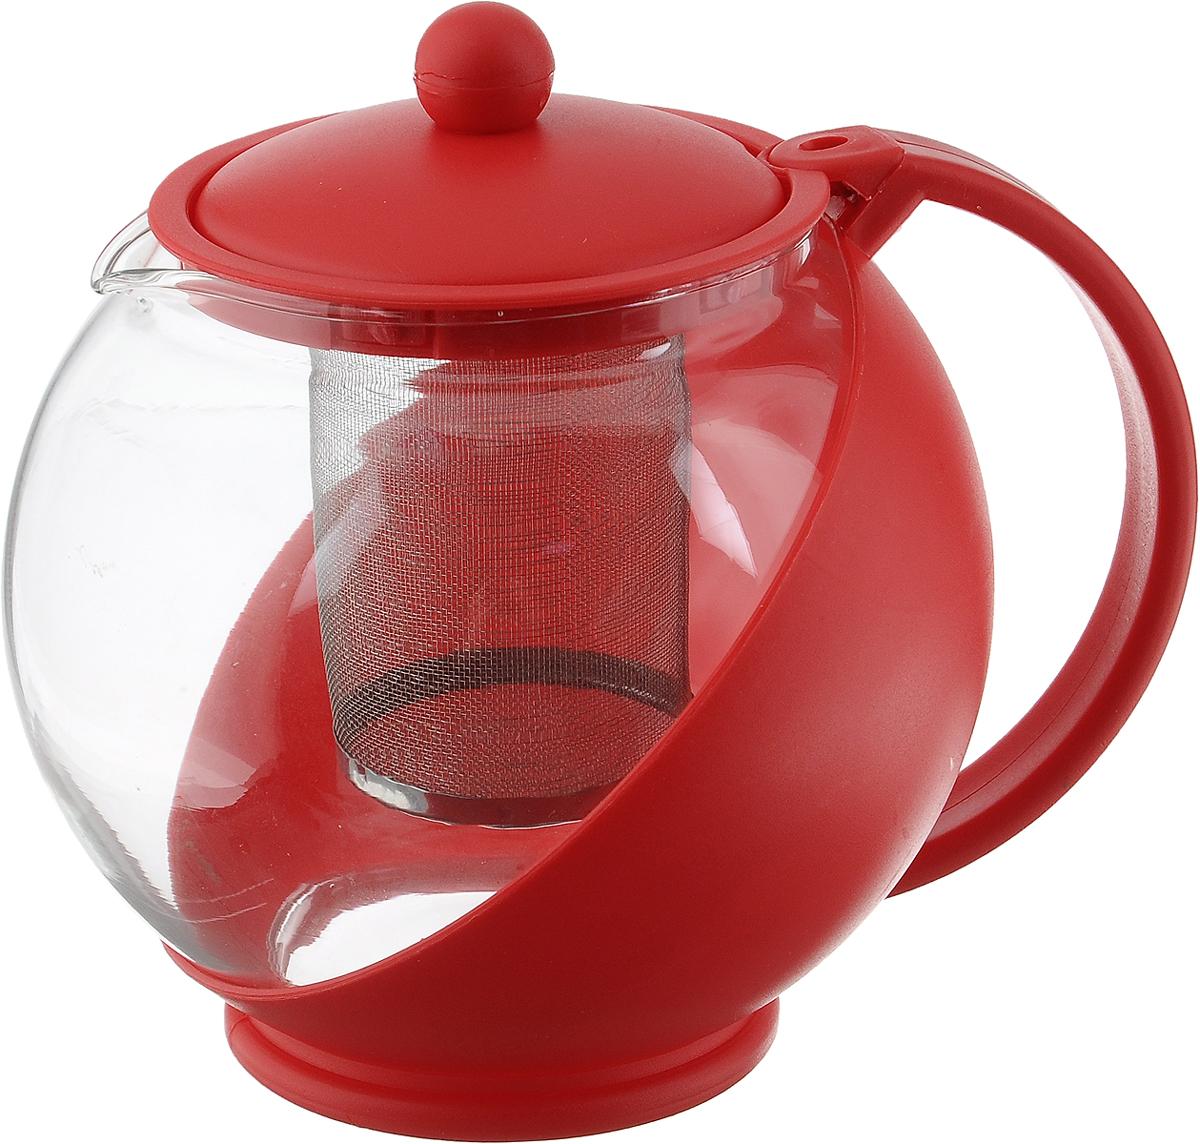 Чайник заварочный Mayer & Boch, с фильтром, цвет: прозрачный, красный, 1,25 л25739Заварочный чайник Mayer & Boch, выполненный из пластика и стекла, предоставит вам все необходимые возможности для успешного заваривания чая. Чайник оснащен крышкой и сетчатым фильтром из металла, который задерживает чаинки и предотвращает их попадание в чашку. Чай в таком чайнике дольше остается горячим, а полезные и ароматические вещества полностью сохраняются в напитке. Эстетичный и функциональный чайник будет оригинально смотреться в любом интерьере. Диаметр чайника (по верхнему краю): 9,6 см. Высота чайника (без учета крышки): 13 см. Размер ситечка: 6 х 6 х 7,8 см.